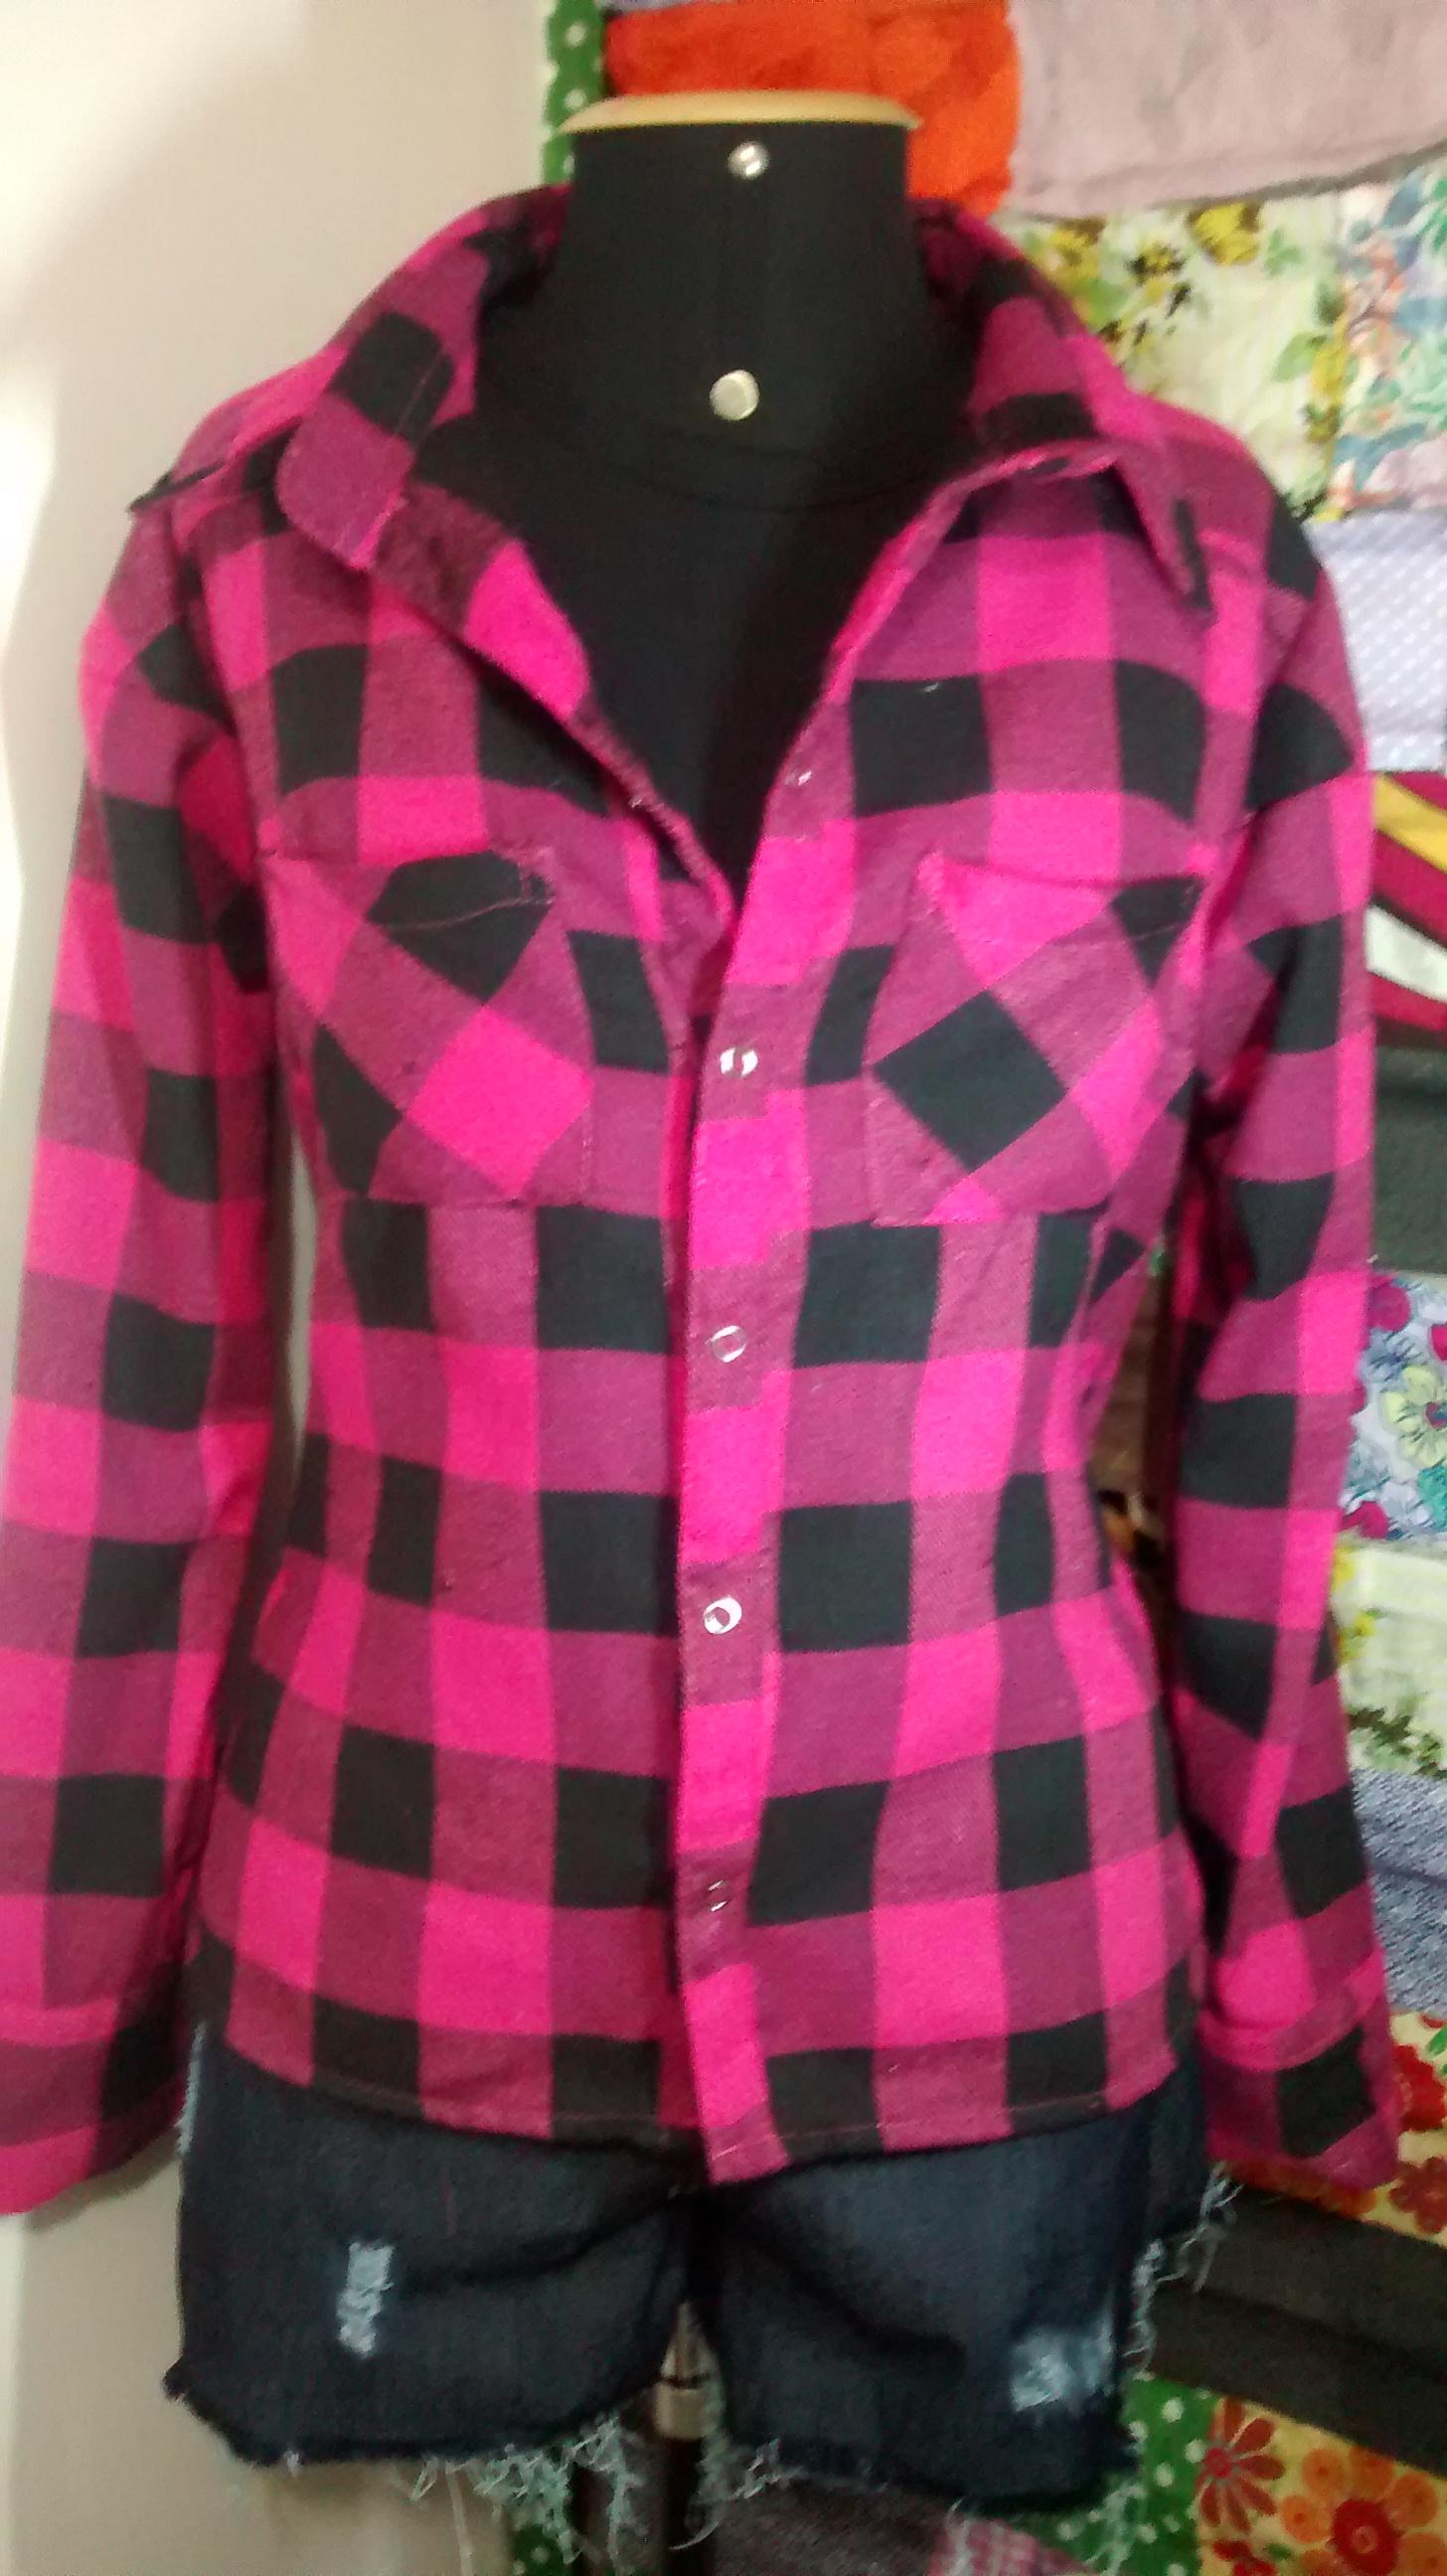 Confeccionando uma camisa xadrez de flanela - Moda e Moldes 16b396a49ba5c